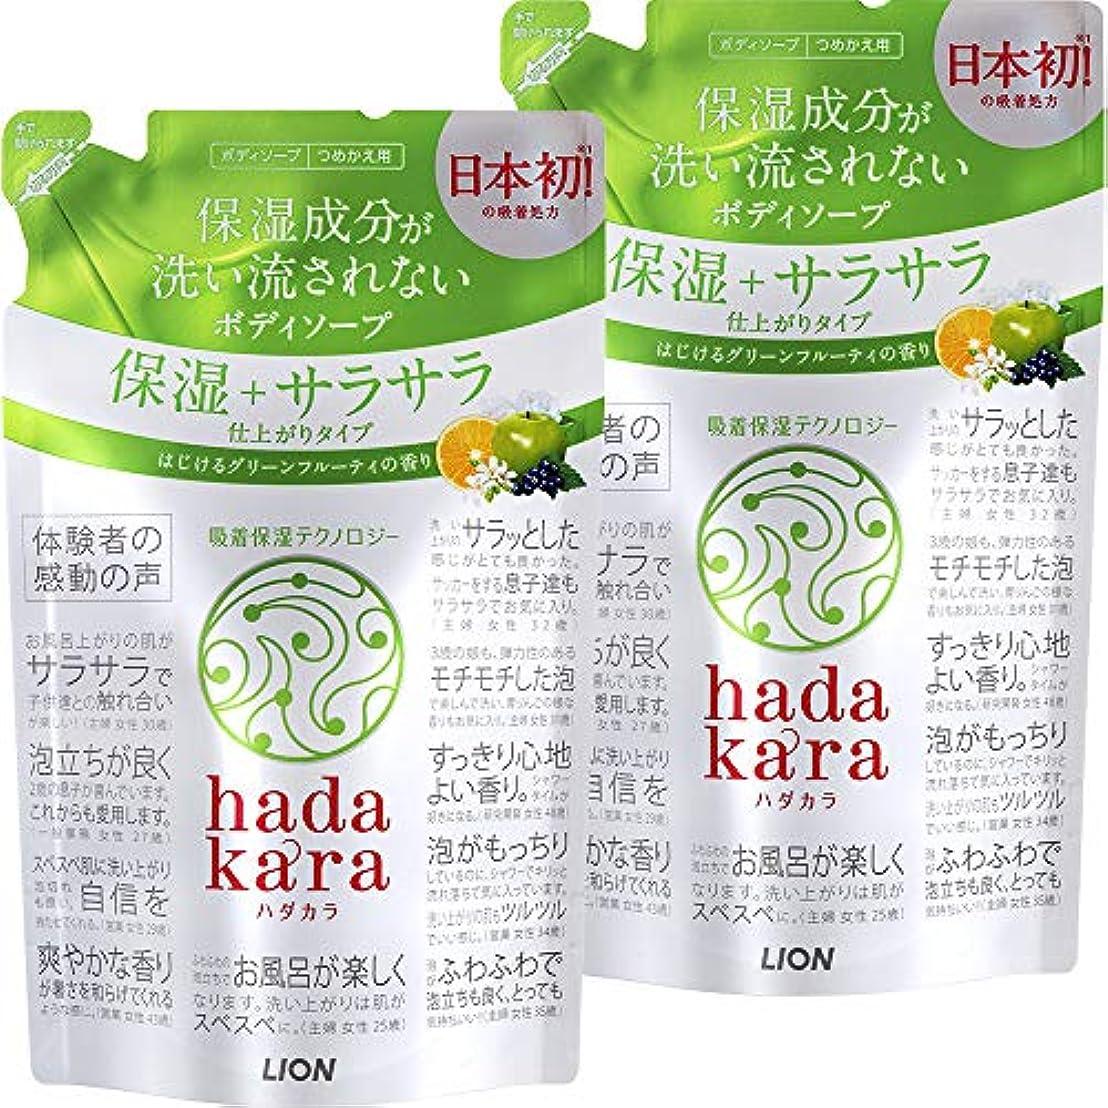 ヒューバートハドソン立派なヤング【まとめ買い】hadakara(ハダカラ) ボディソープ 保湿+サラサラ仕上がりタイプ グリーンフルーティの香り 詰め替え 340ml×2個パック